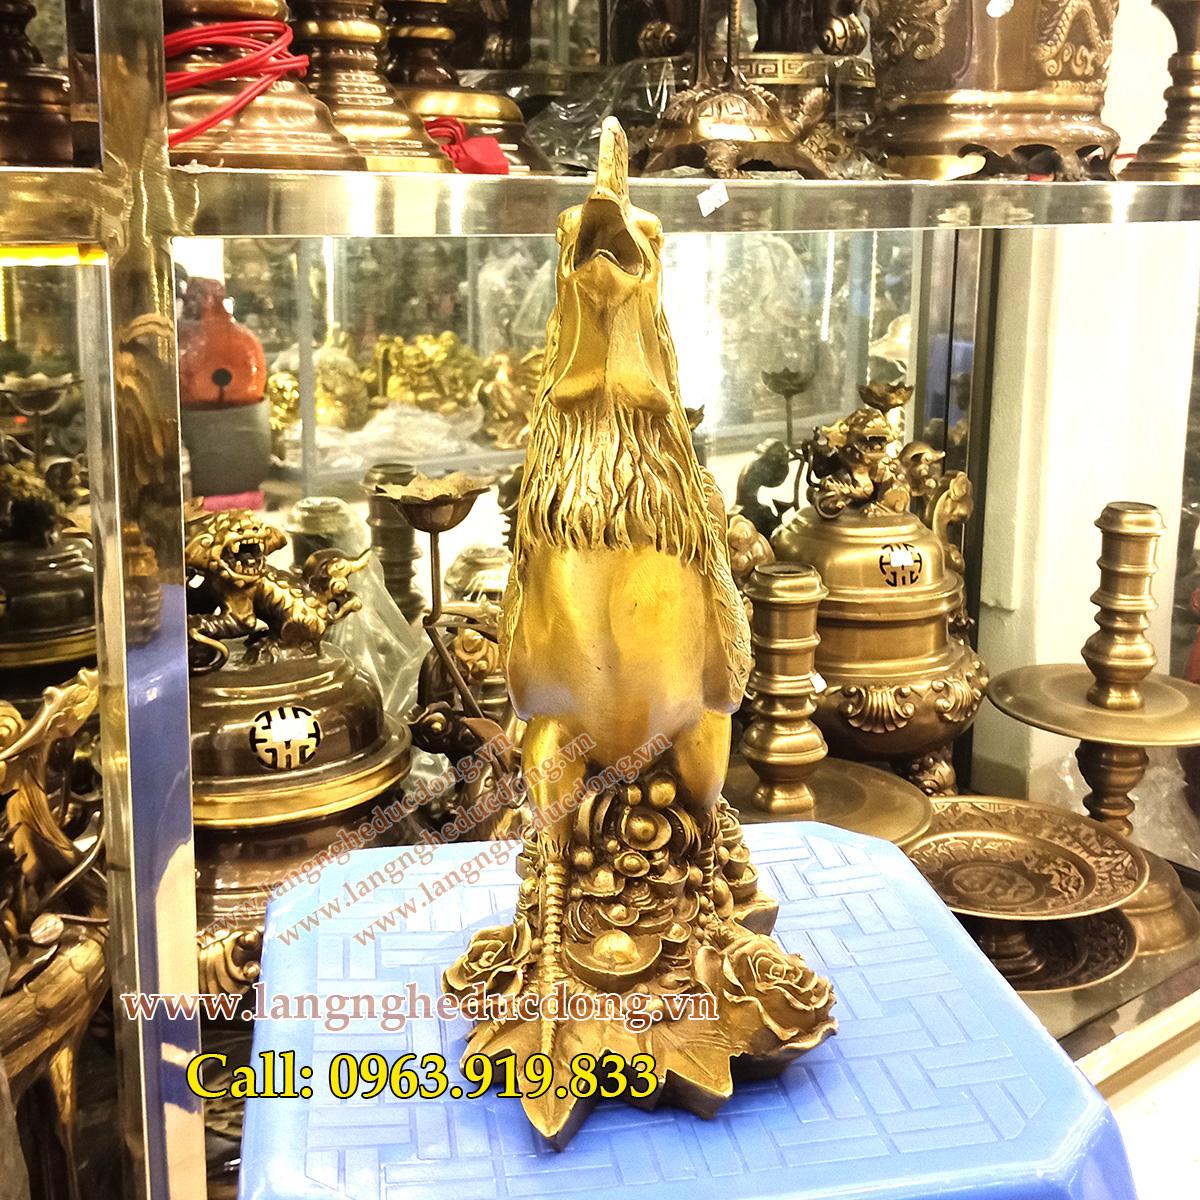 1 Tượng gà đồng 30cm đứng tiền và hoa hồng, tượng gà bằng đồng